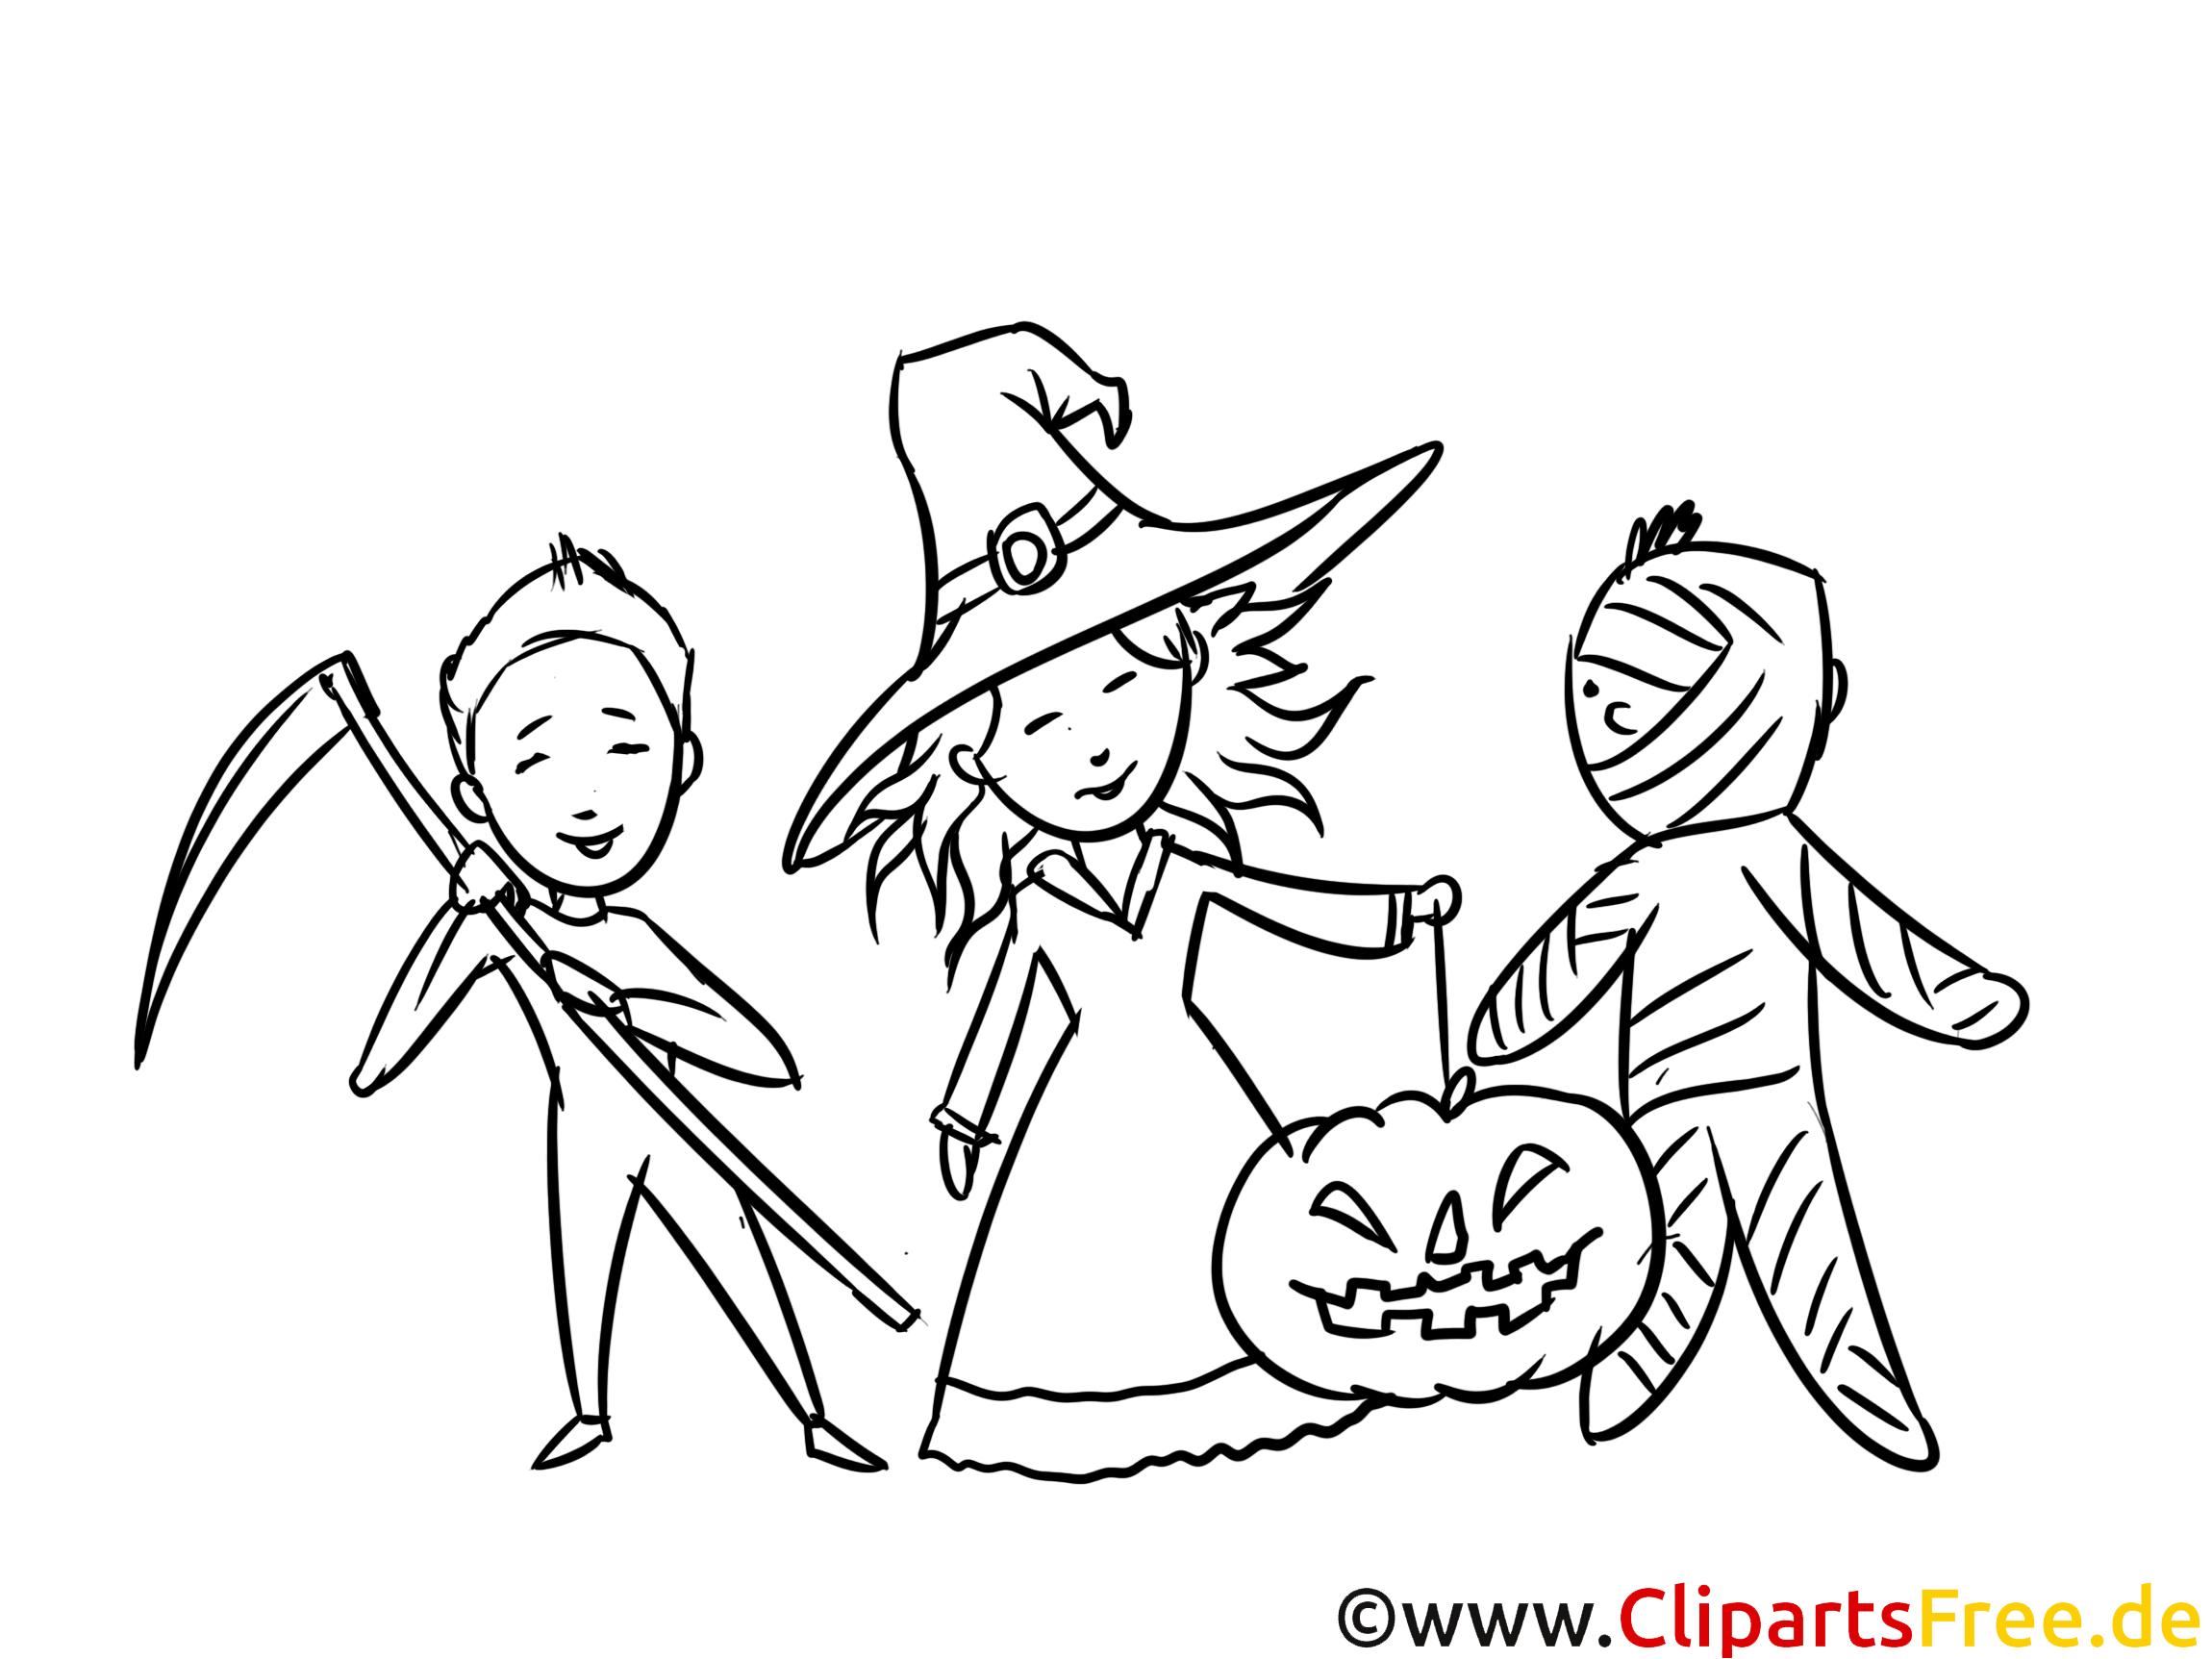 Halloween Party Bild-Vorlage zum Ausmalen